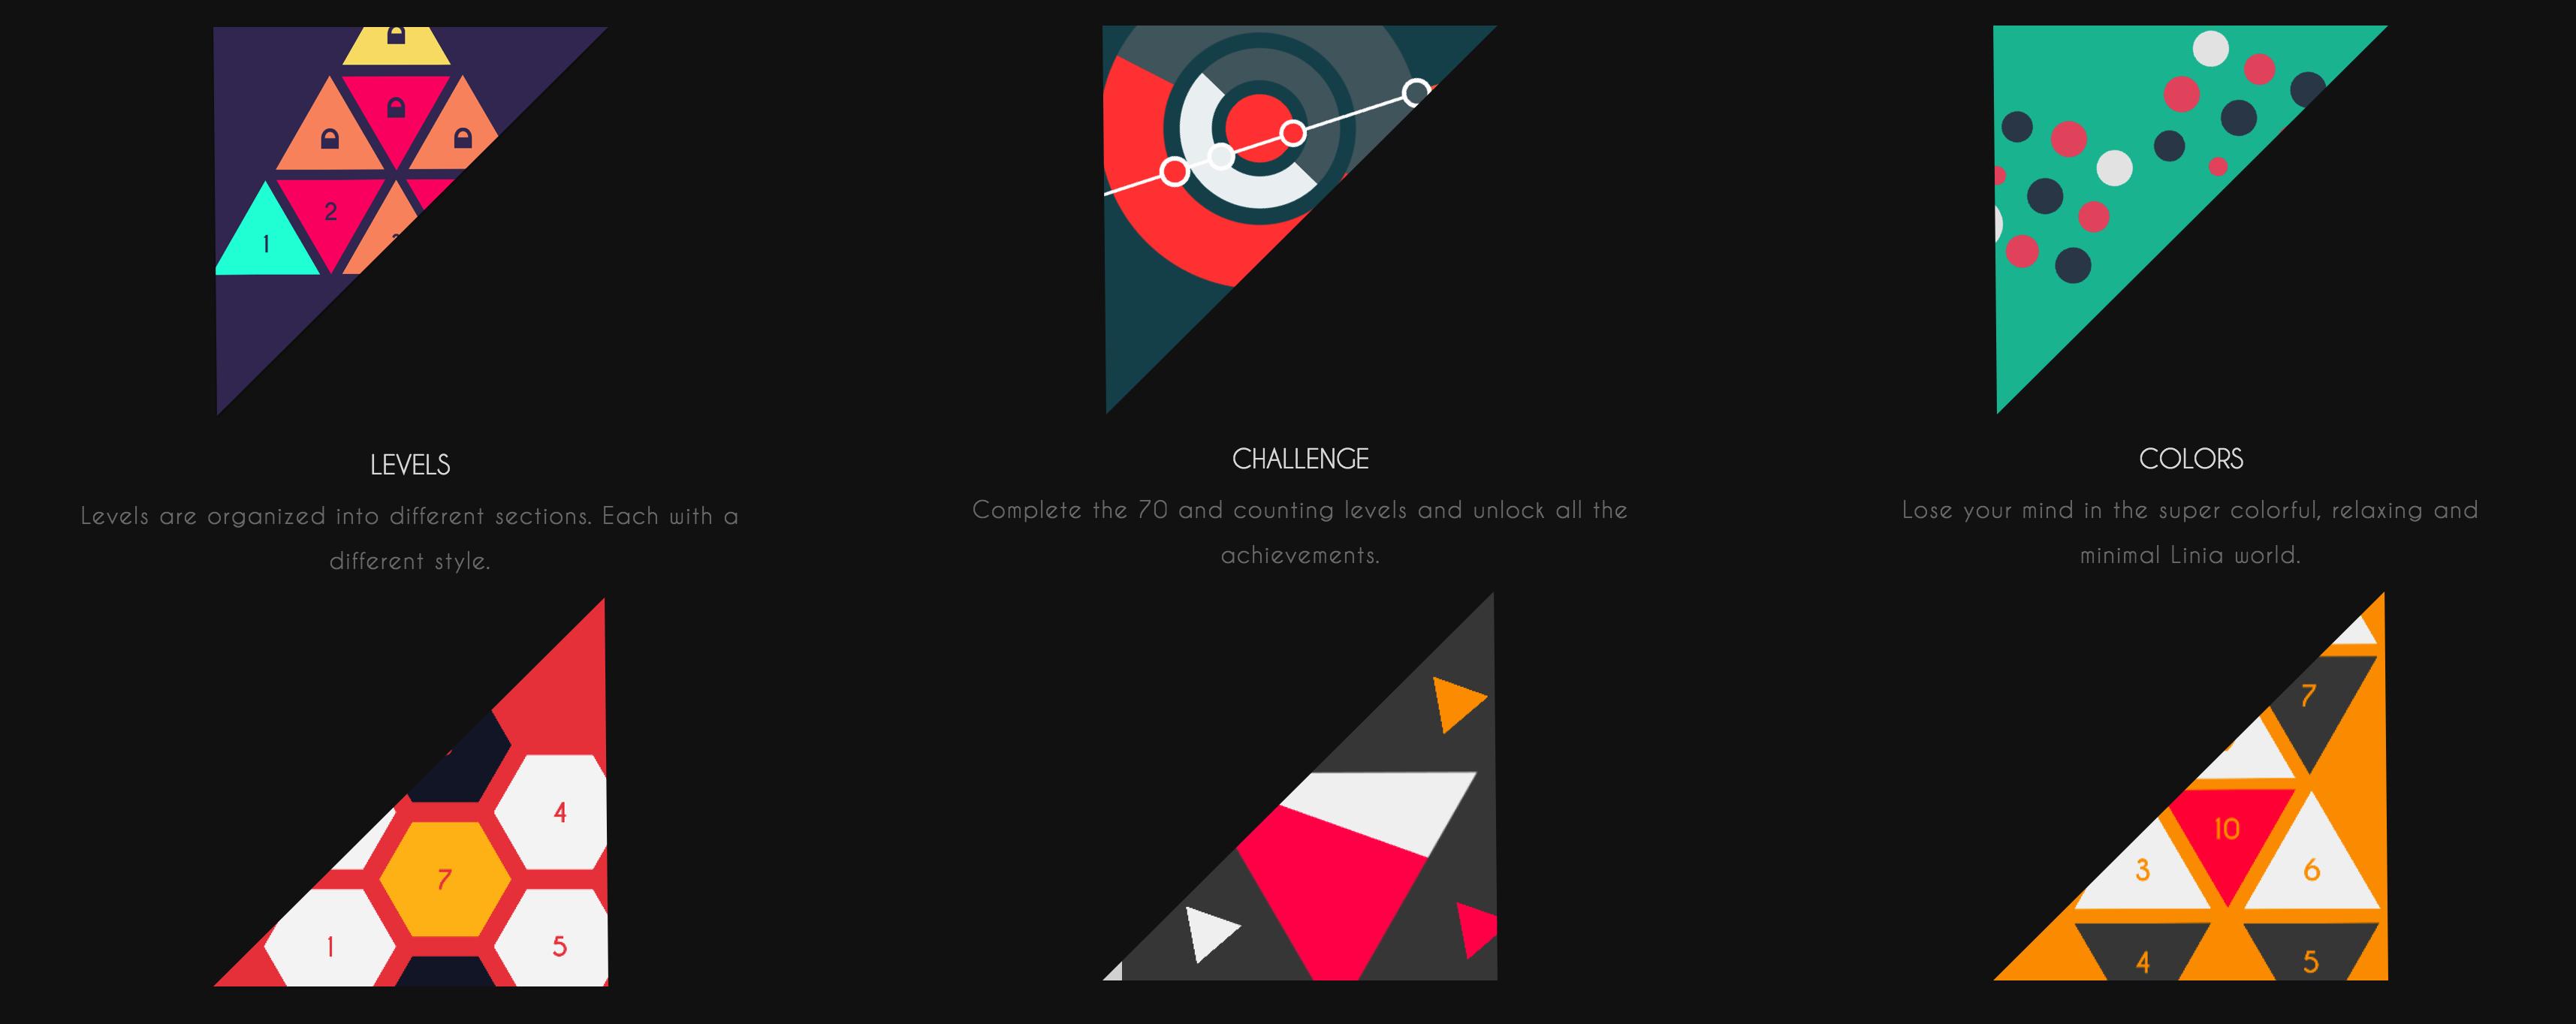 linia-puzzle-game-ios-3